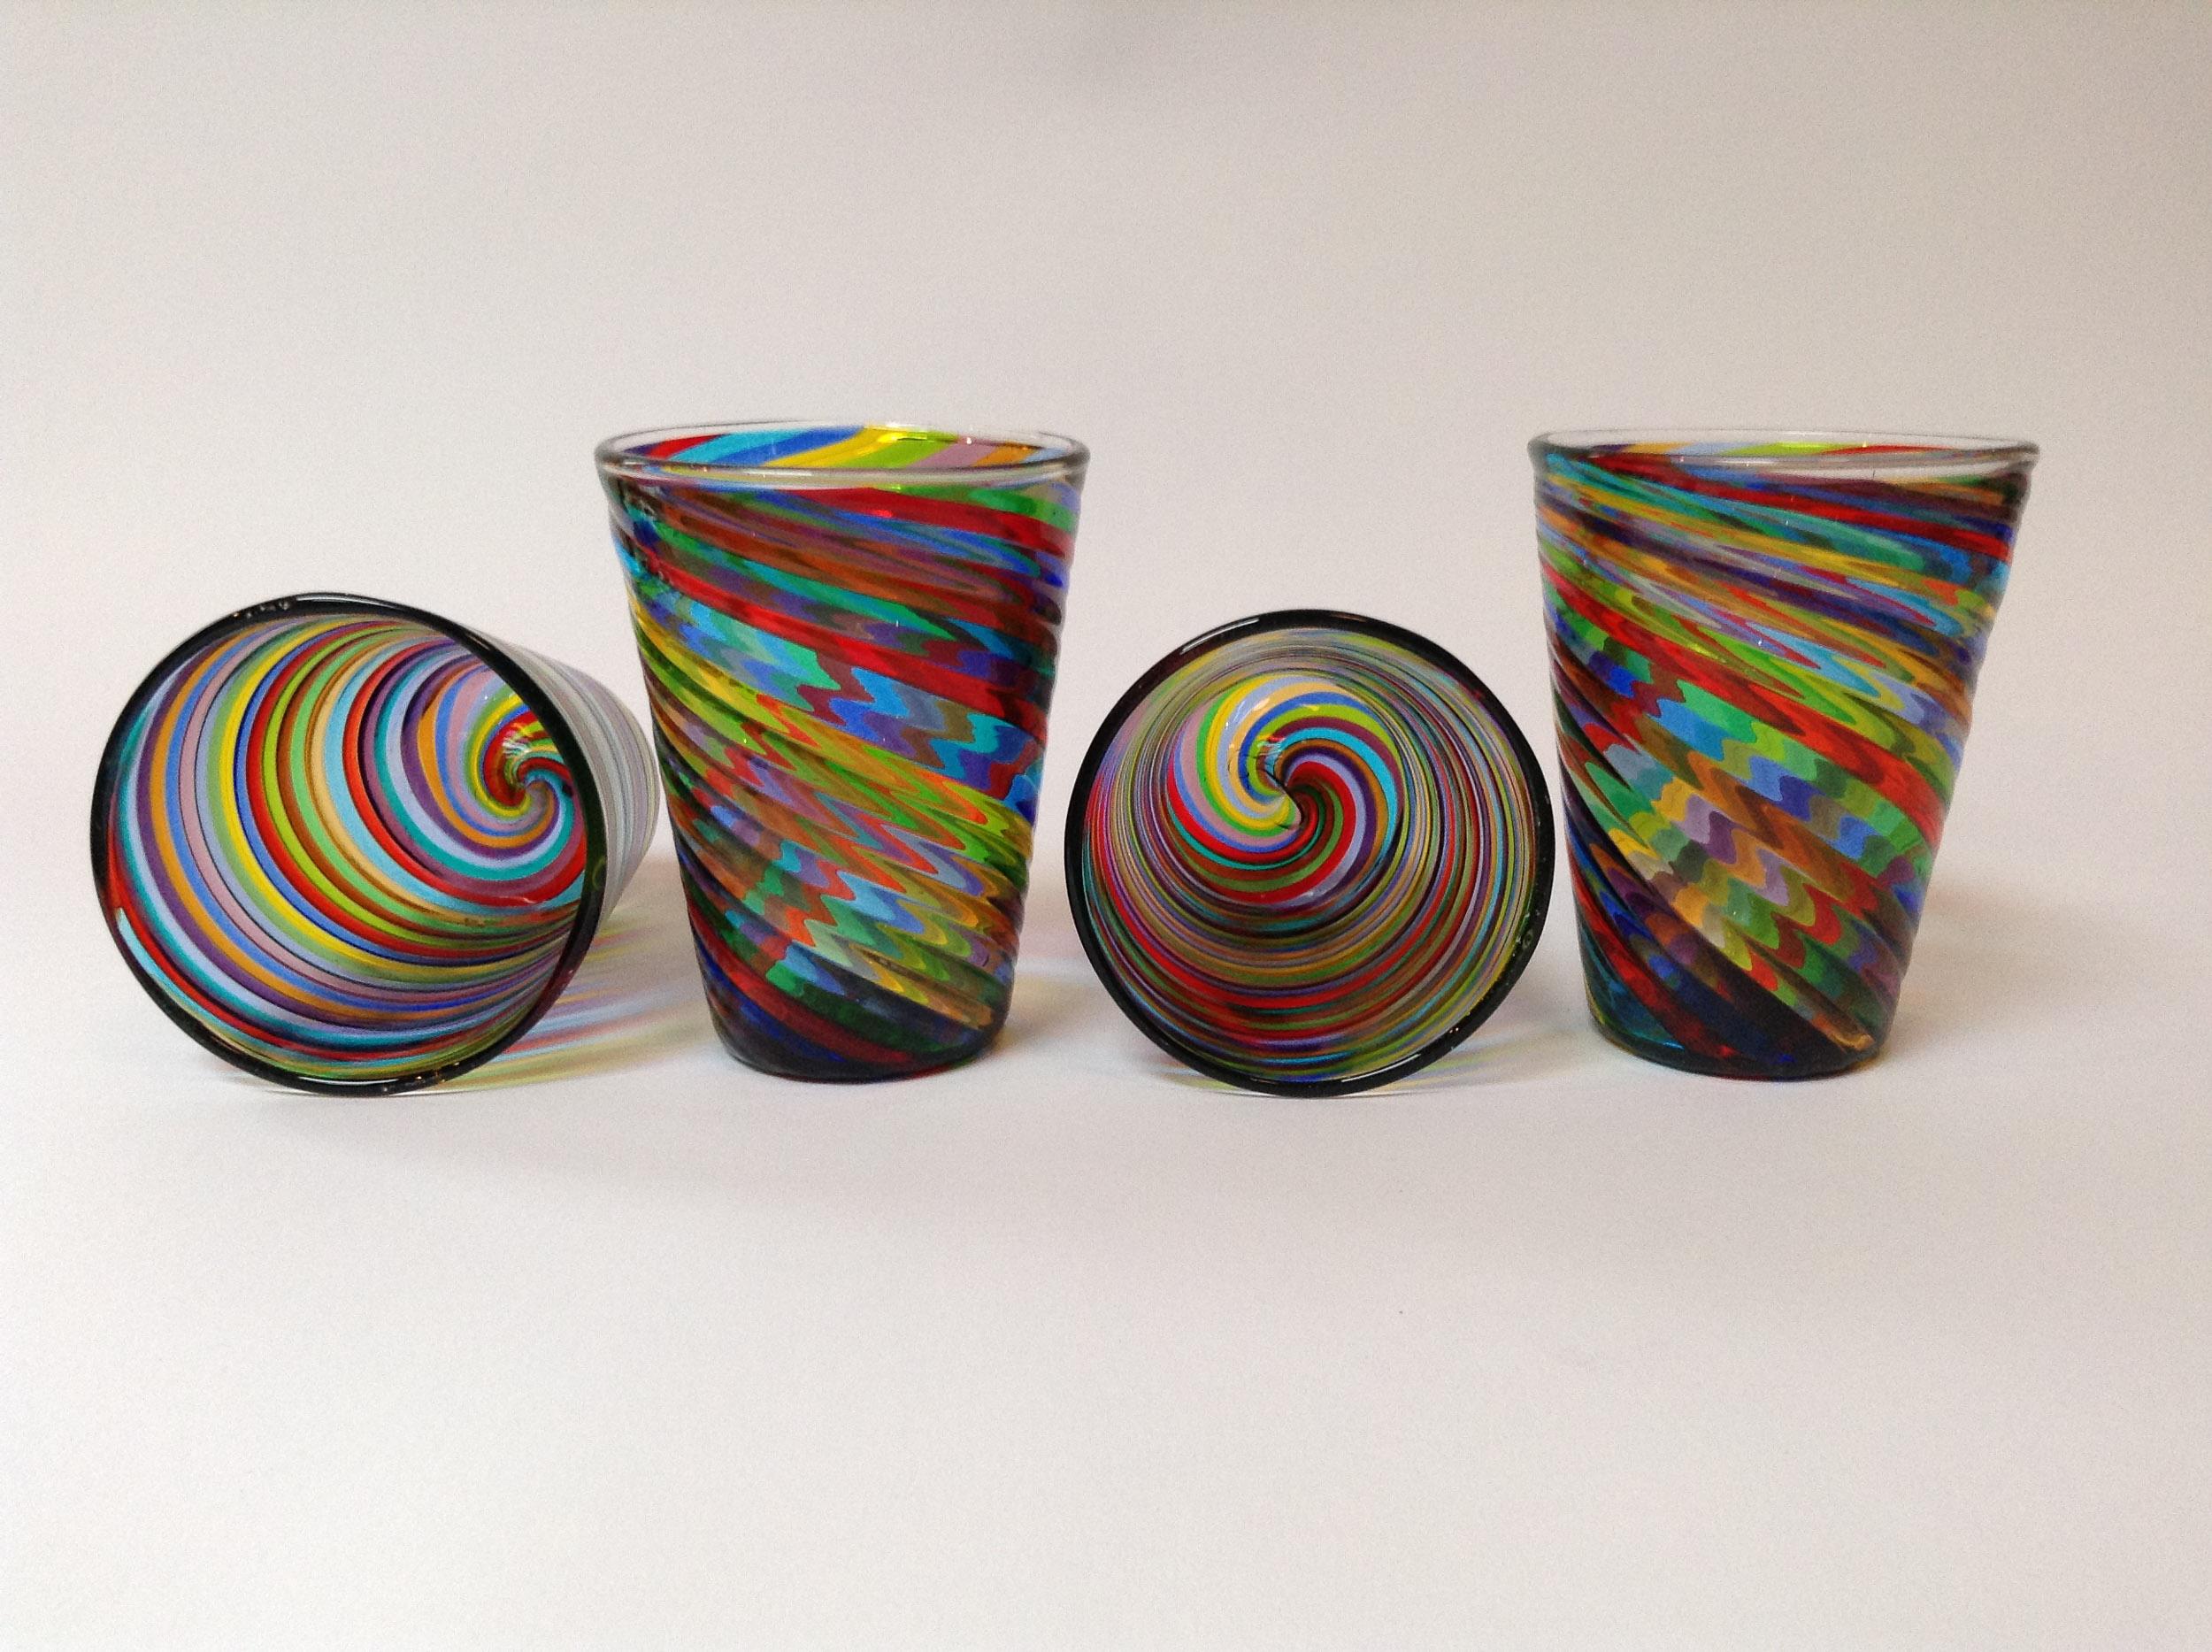 Olive-Glass_Italian-Art-Glass_Corrie-Haight_Lark-Dalton-20170326-2.jpg